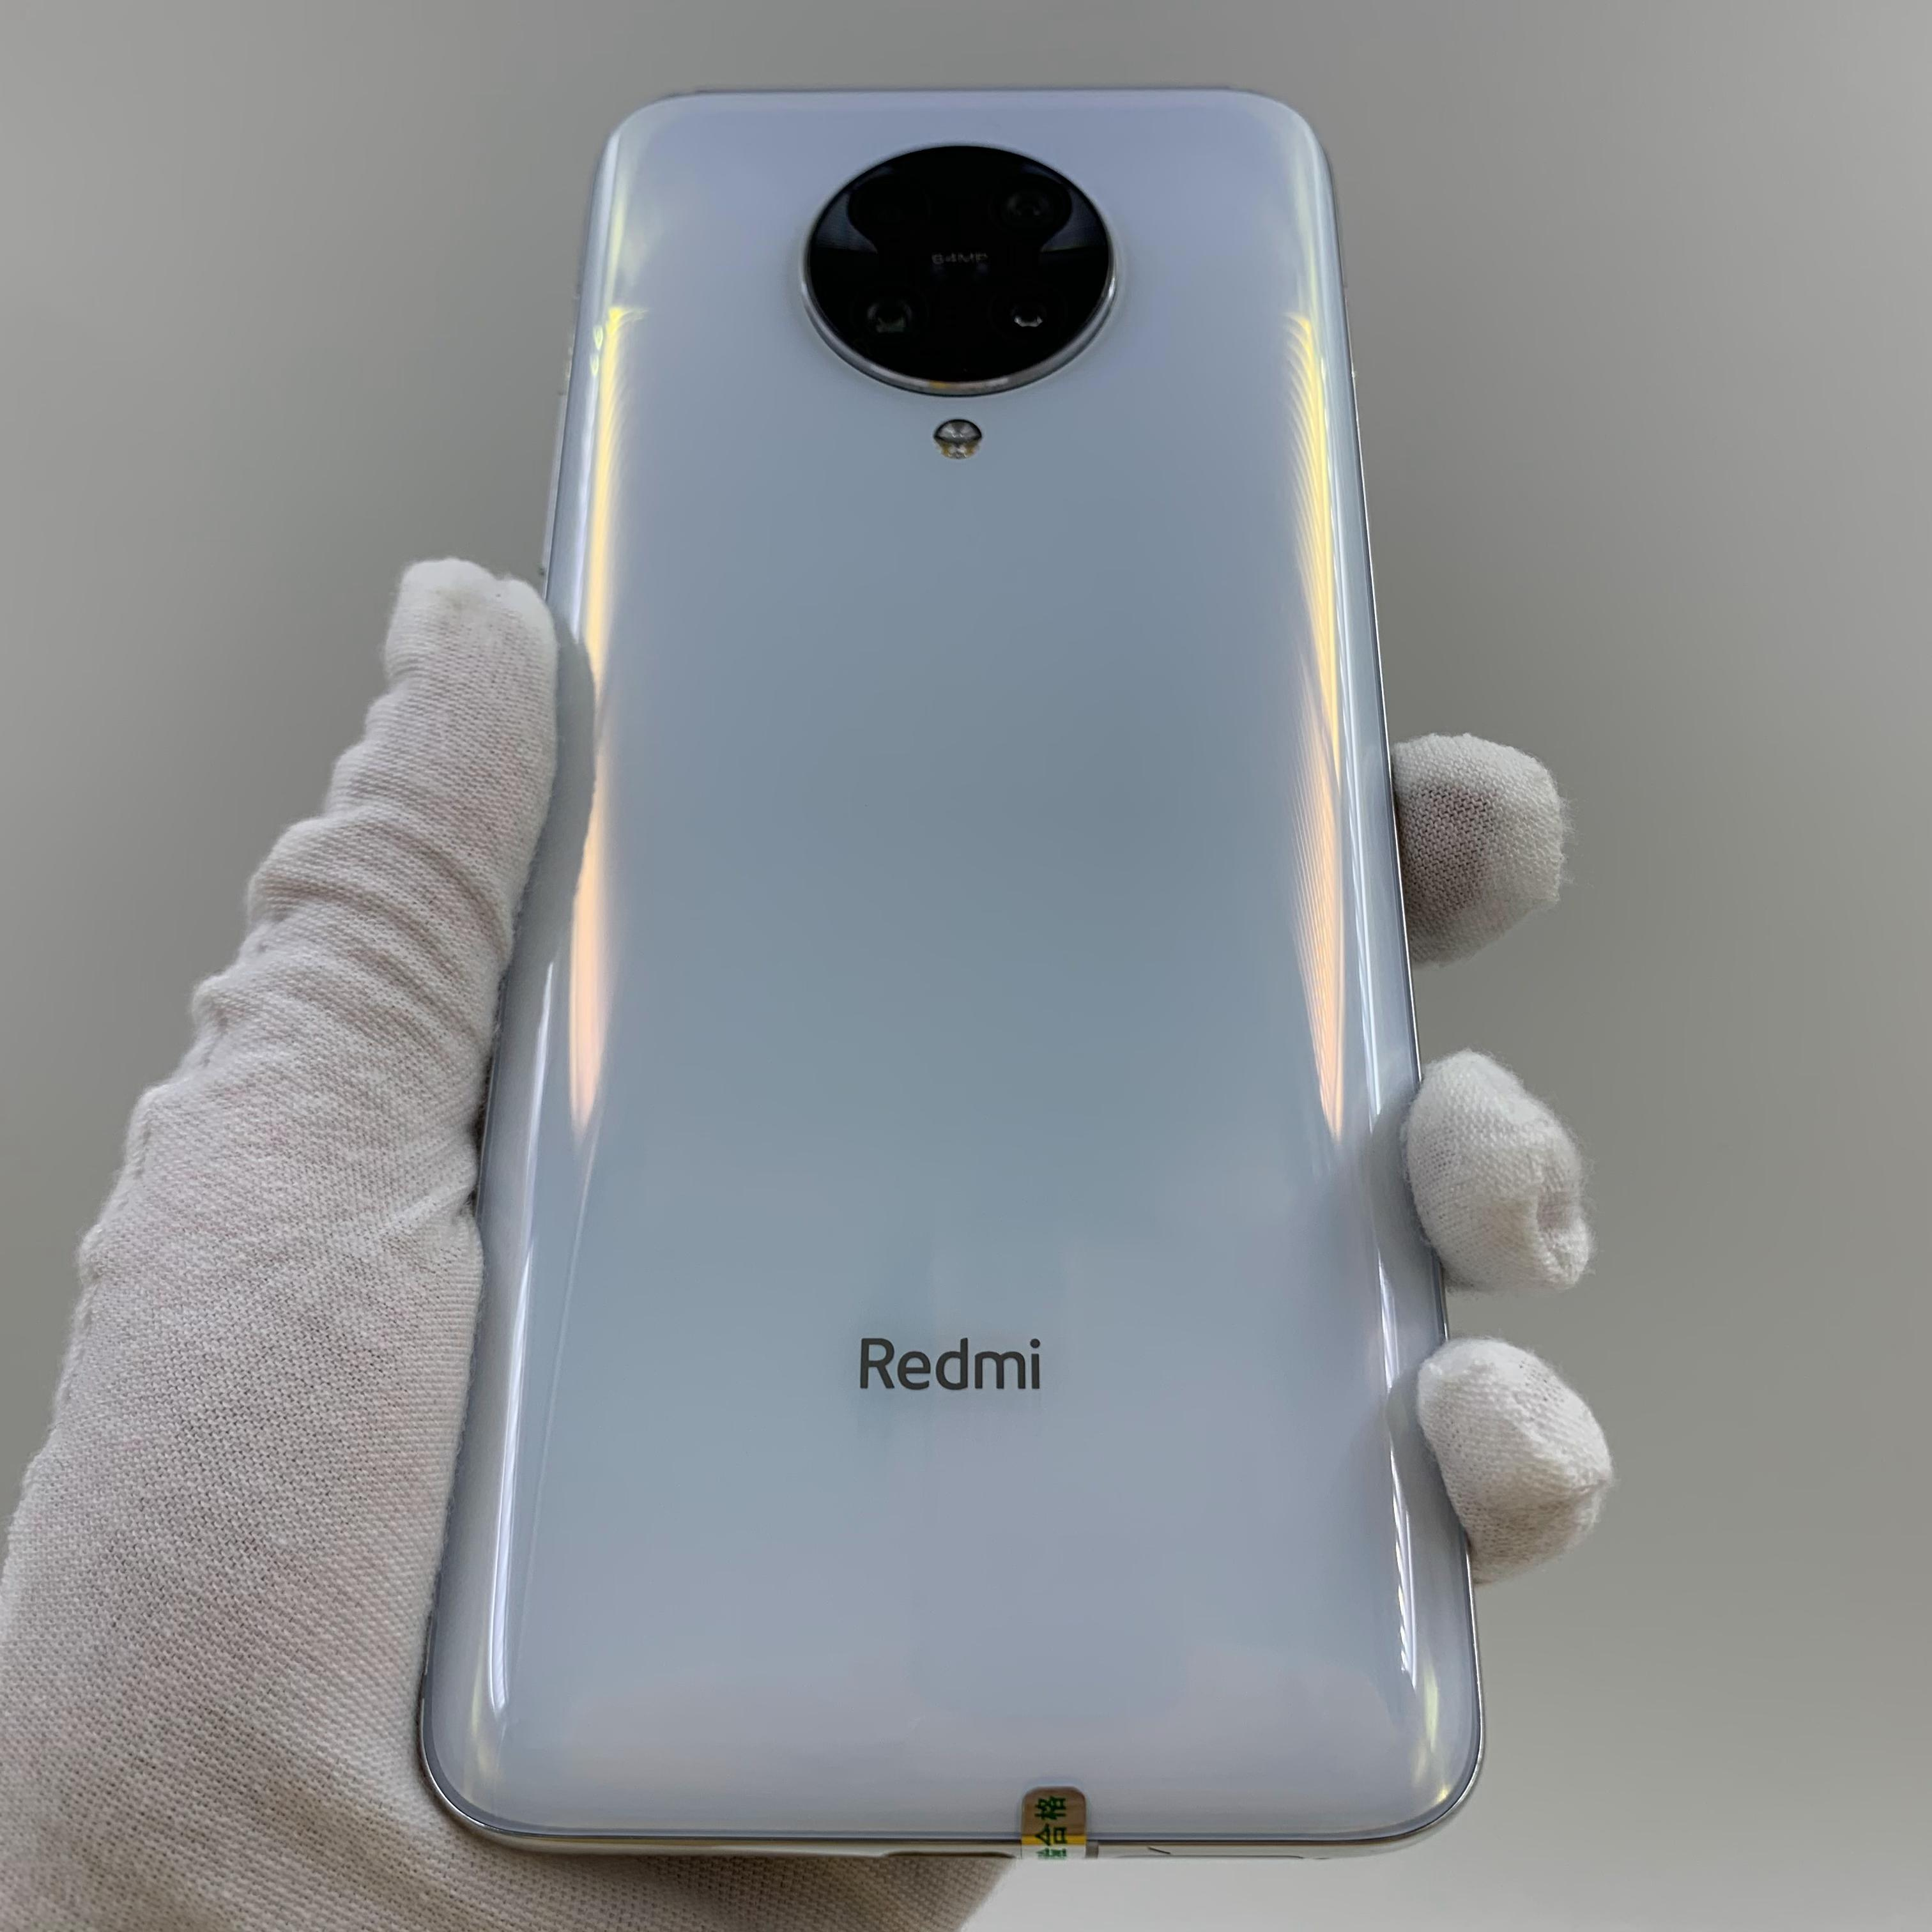 小米【Redmi k30 Pro 5G】5G全网通 月幕白 6G/128G 国行 95新